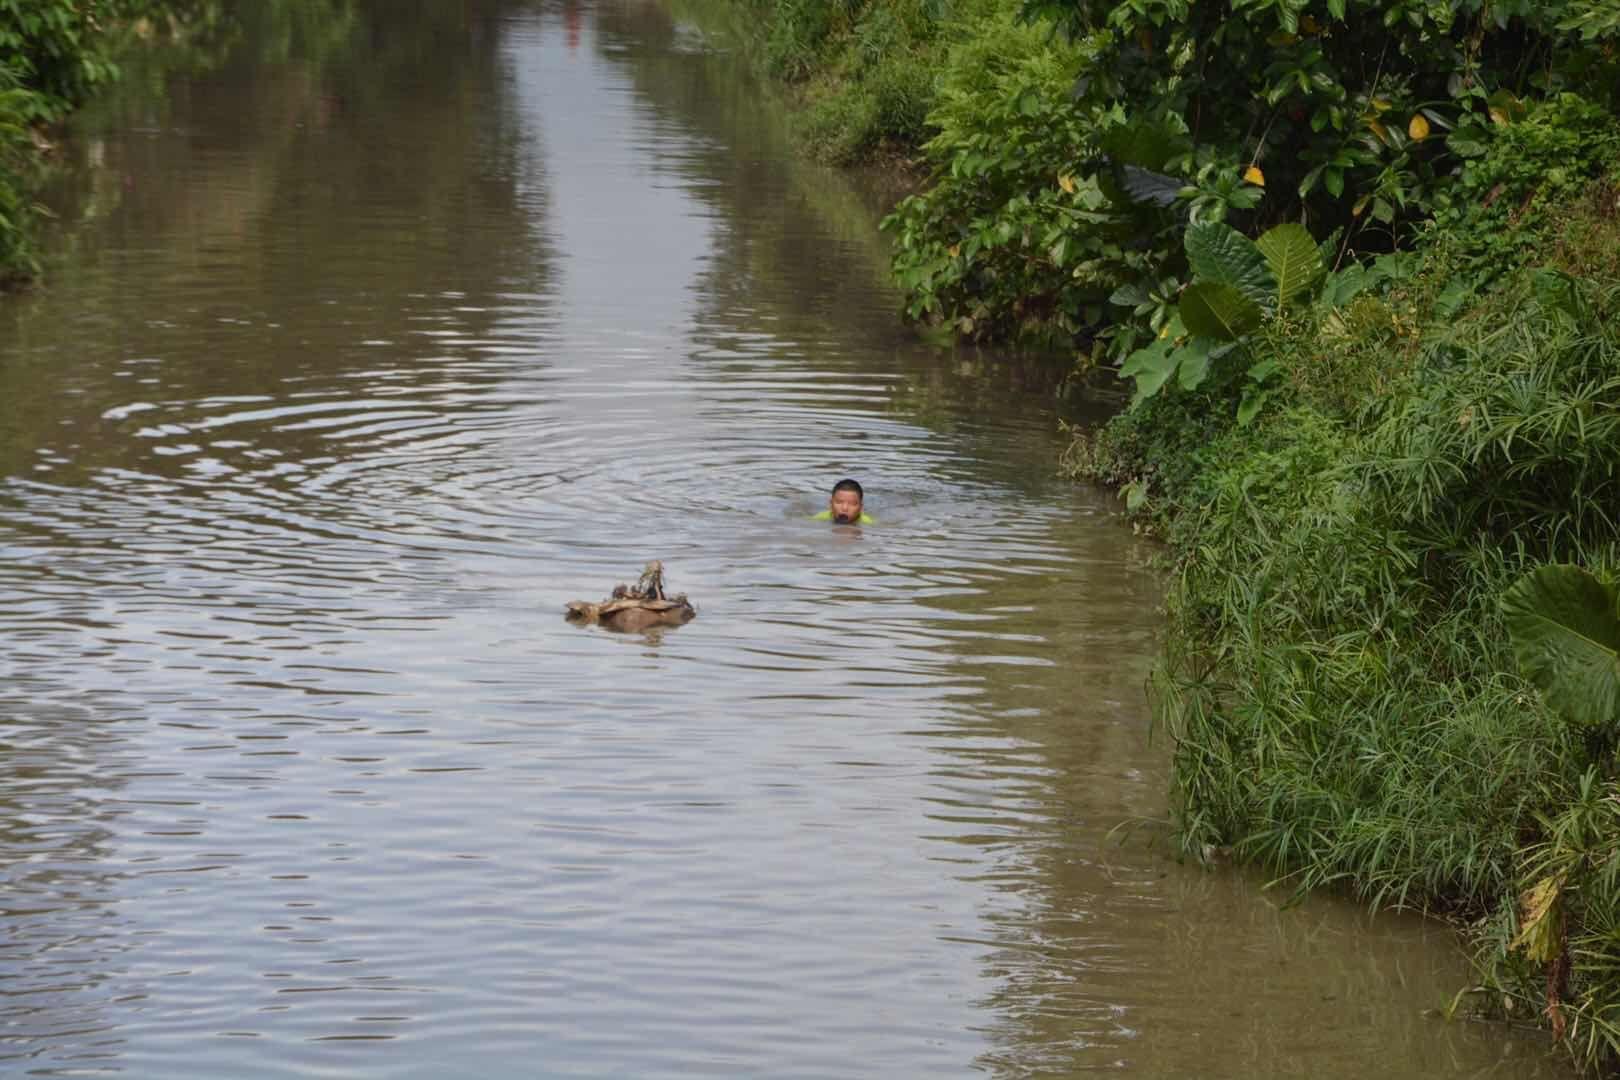 【三乡】他在污浊河水中迟迟不肯上岸,还惊动了消防员…